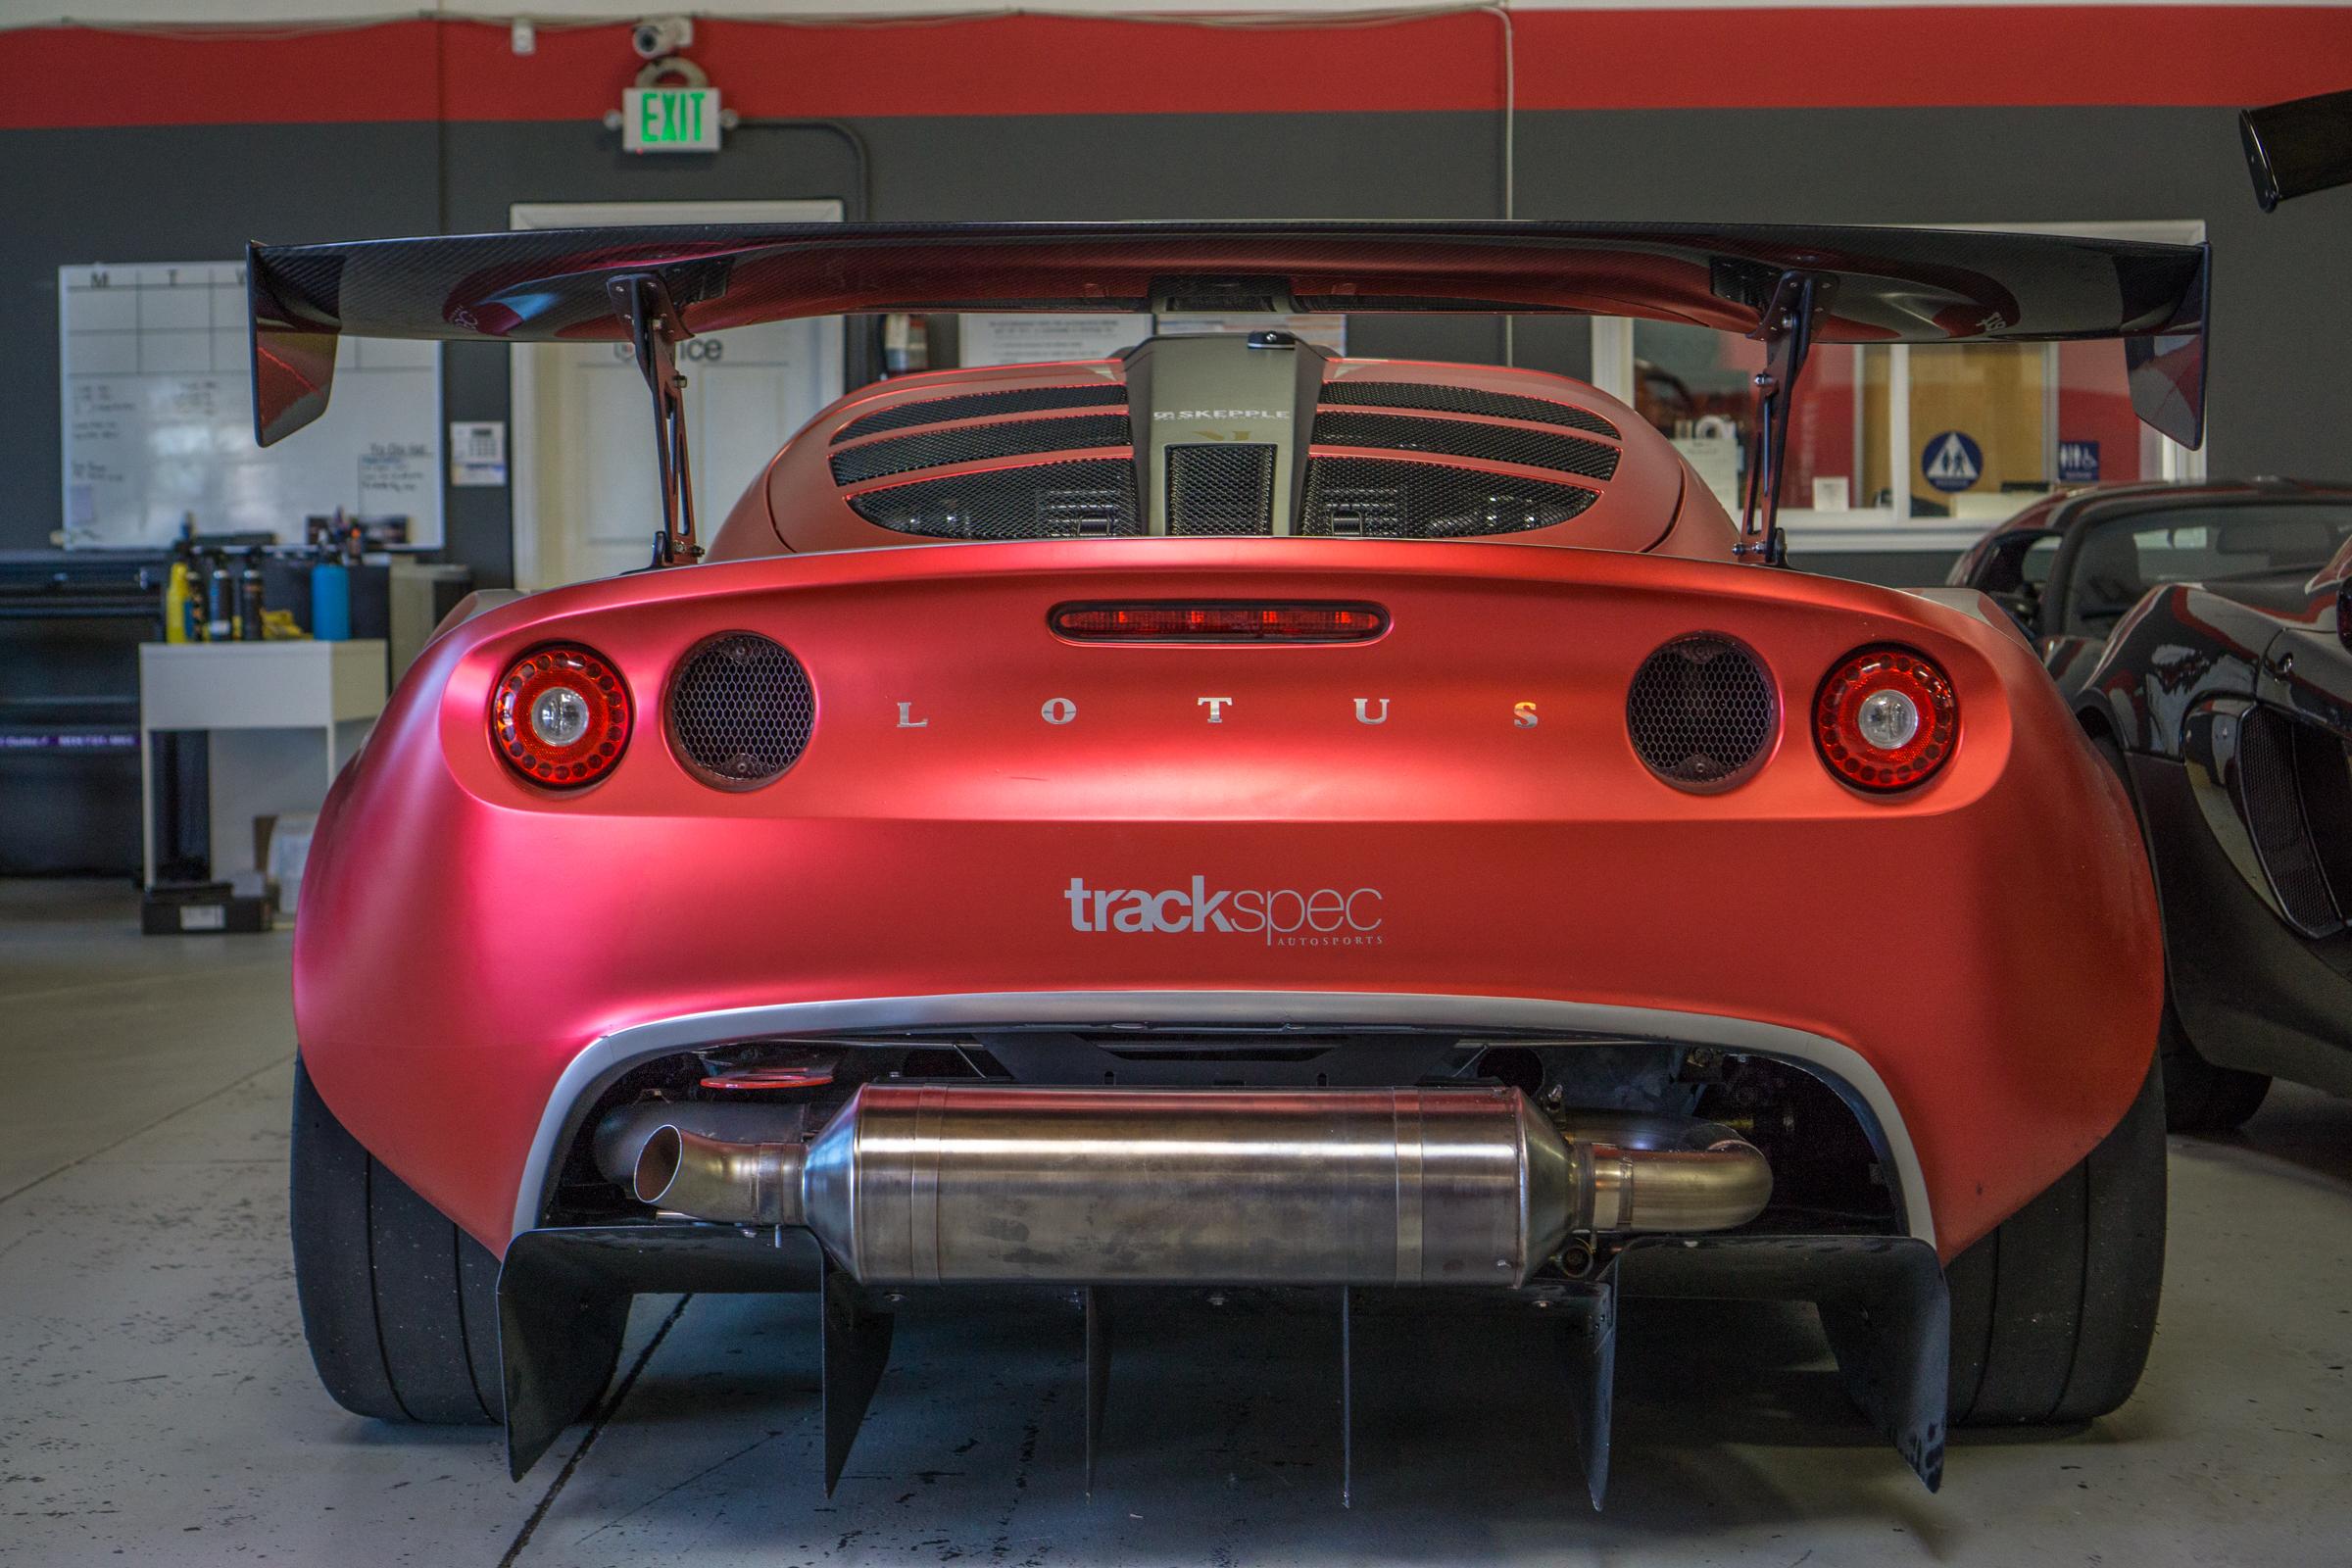 Lotus Exige Trackspec Autosports Laguna Seca